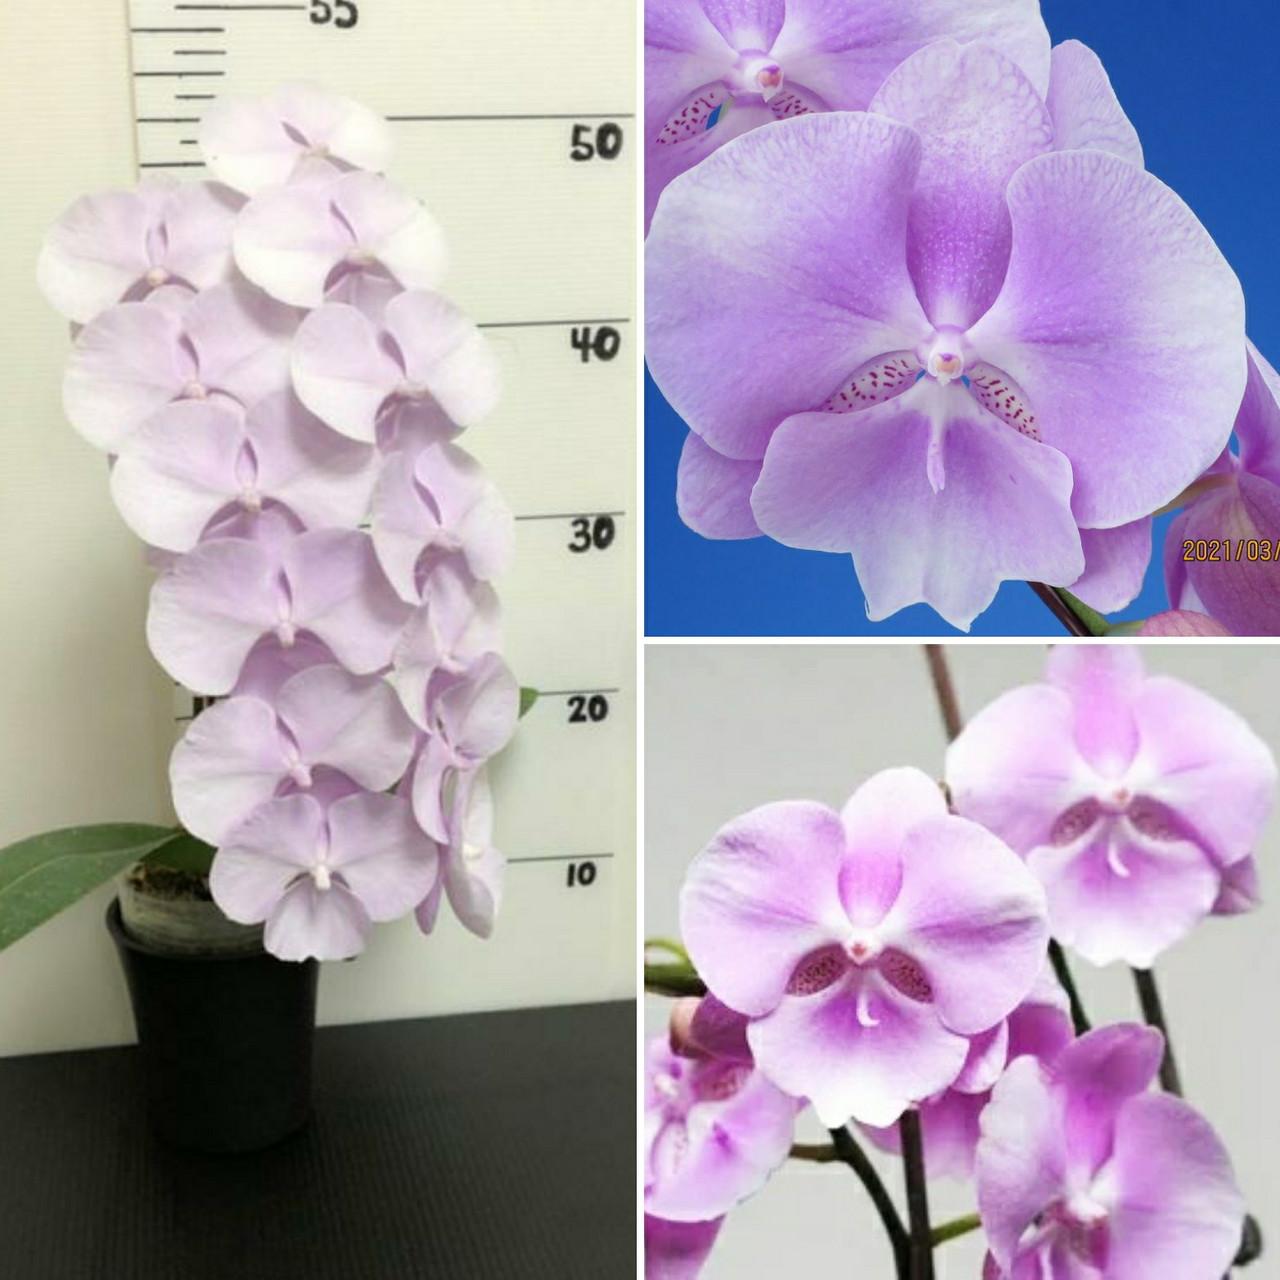 Дитинко орхідеї Sponge bob, без квітів, діаметр горщика 5 см